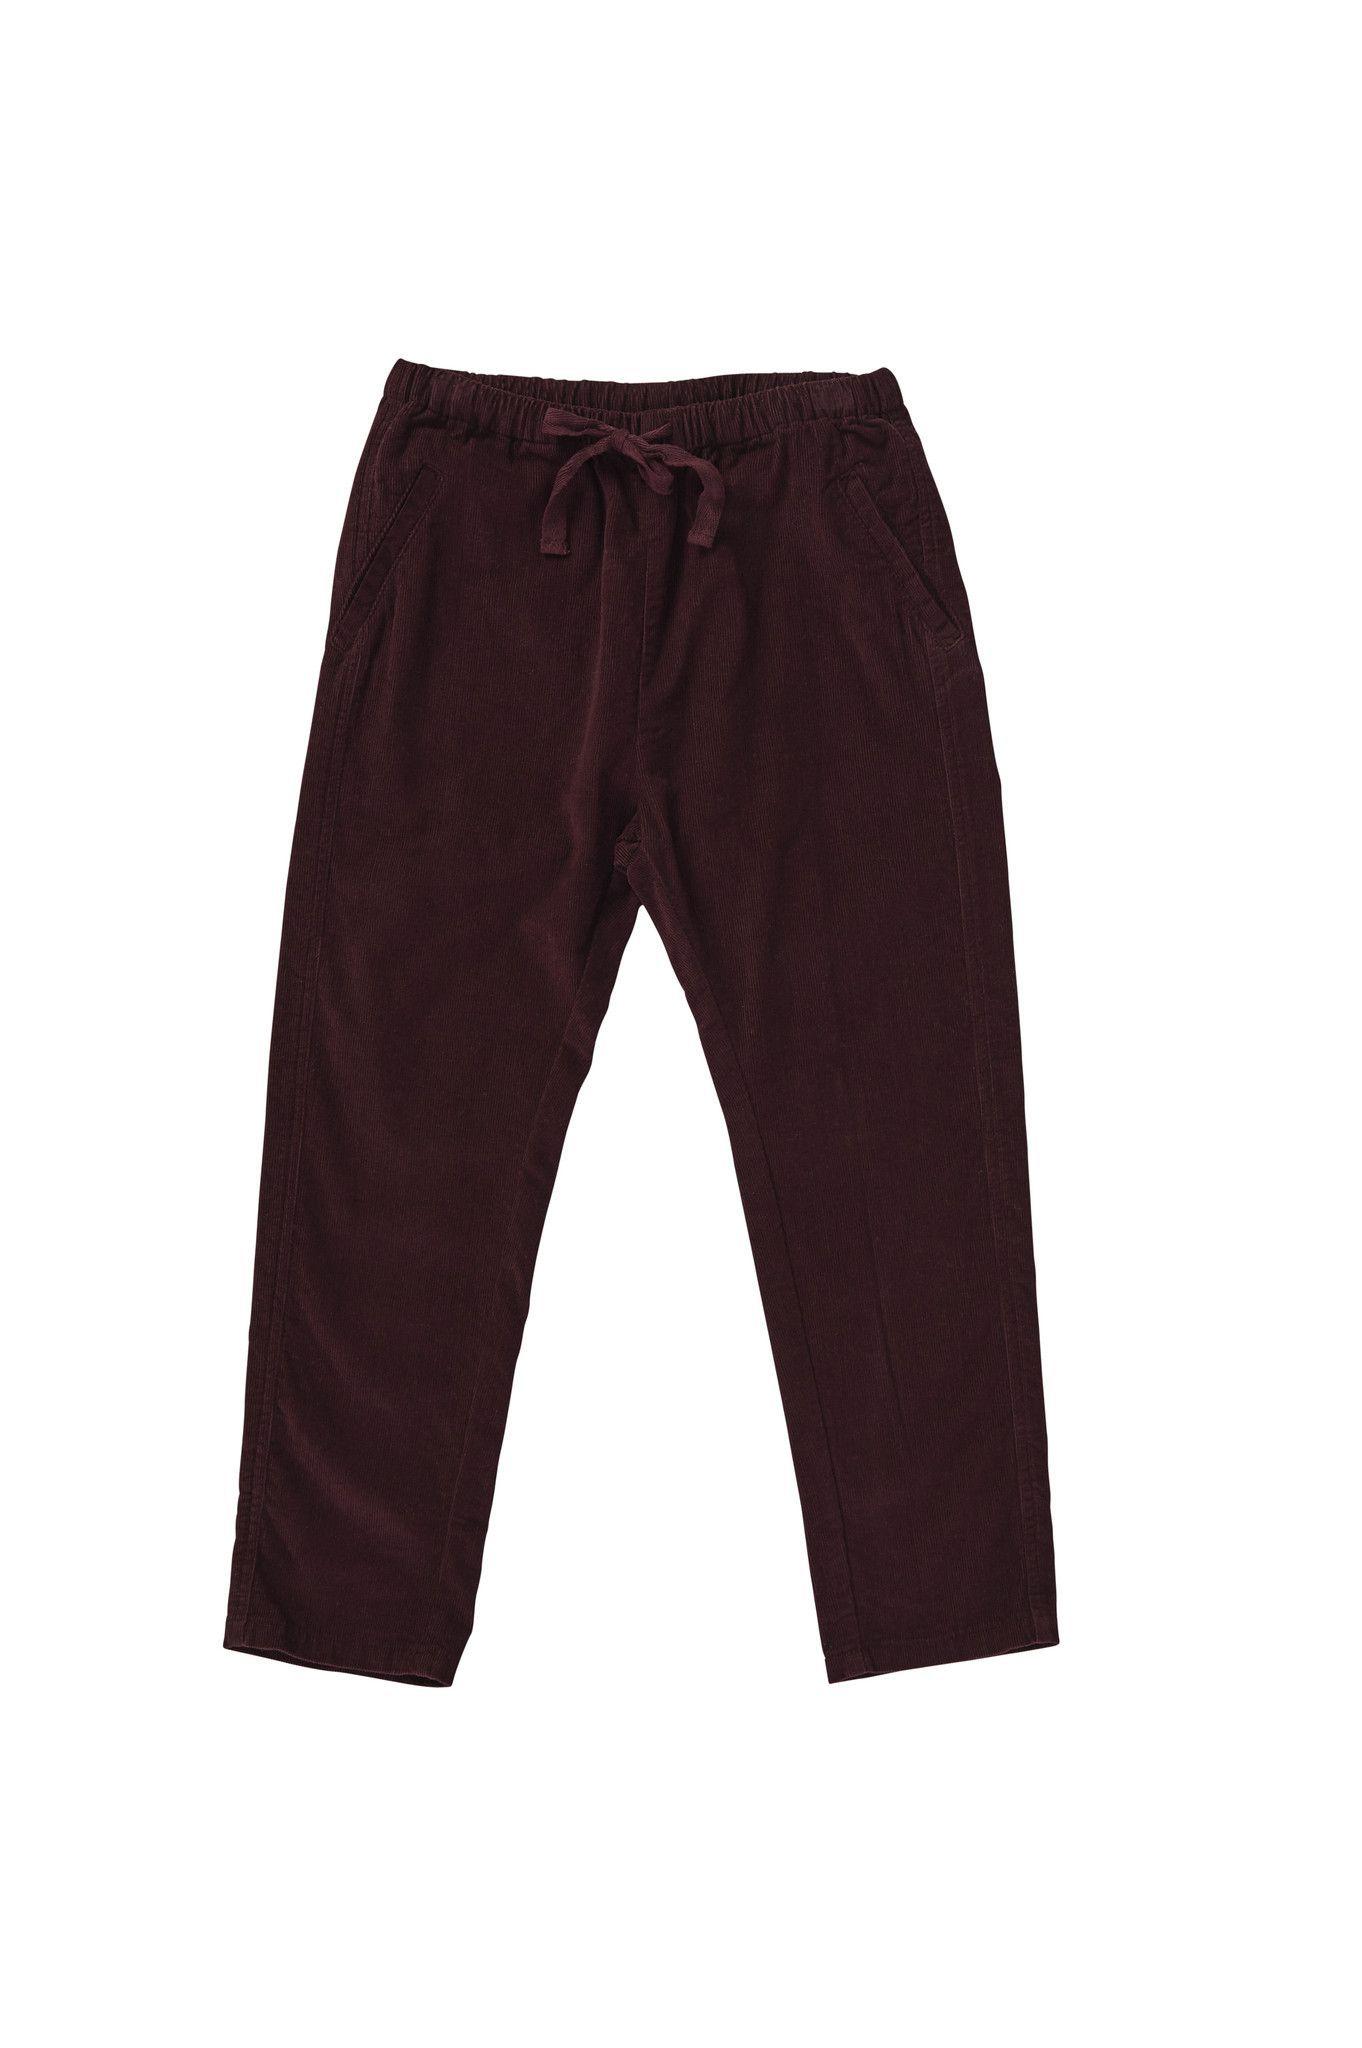 5c51d279387 Carnelian trouser   Products   Trousers, Carnelian, Sweatpants